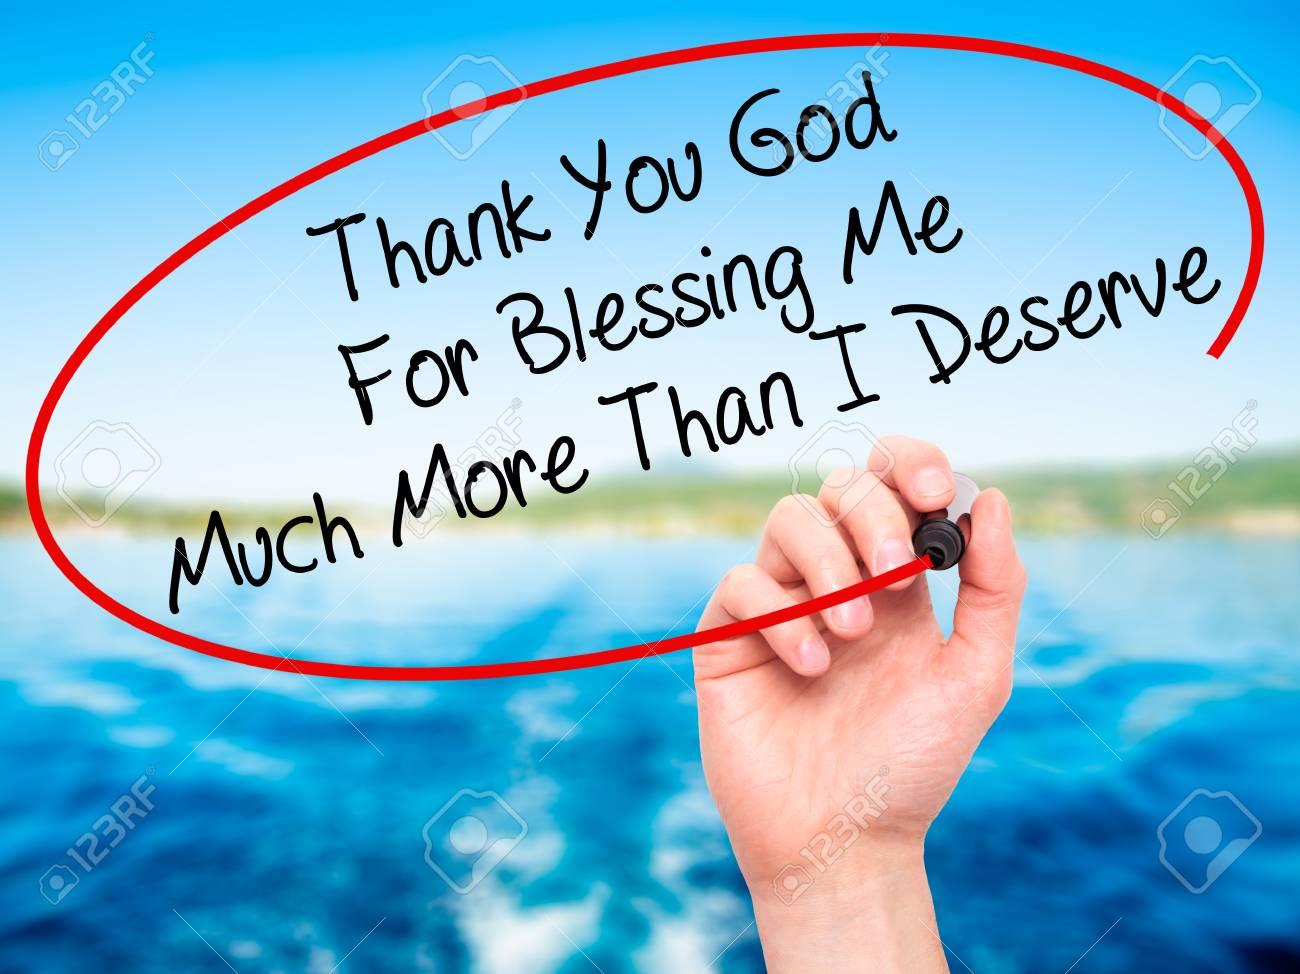 Immagini Stock Scrittura Man Mano Grazie A Dio Per La Benedizione